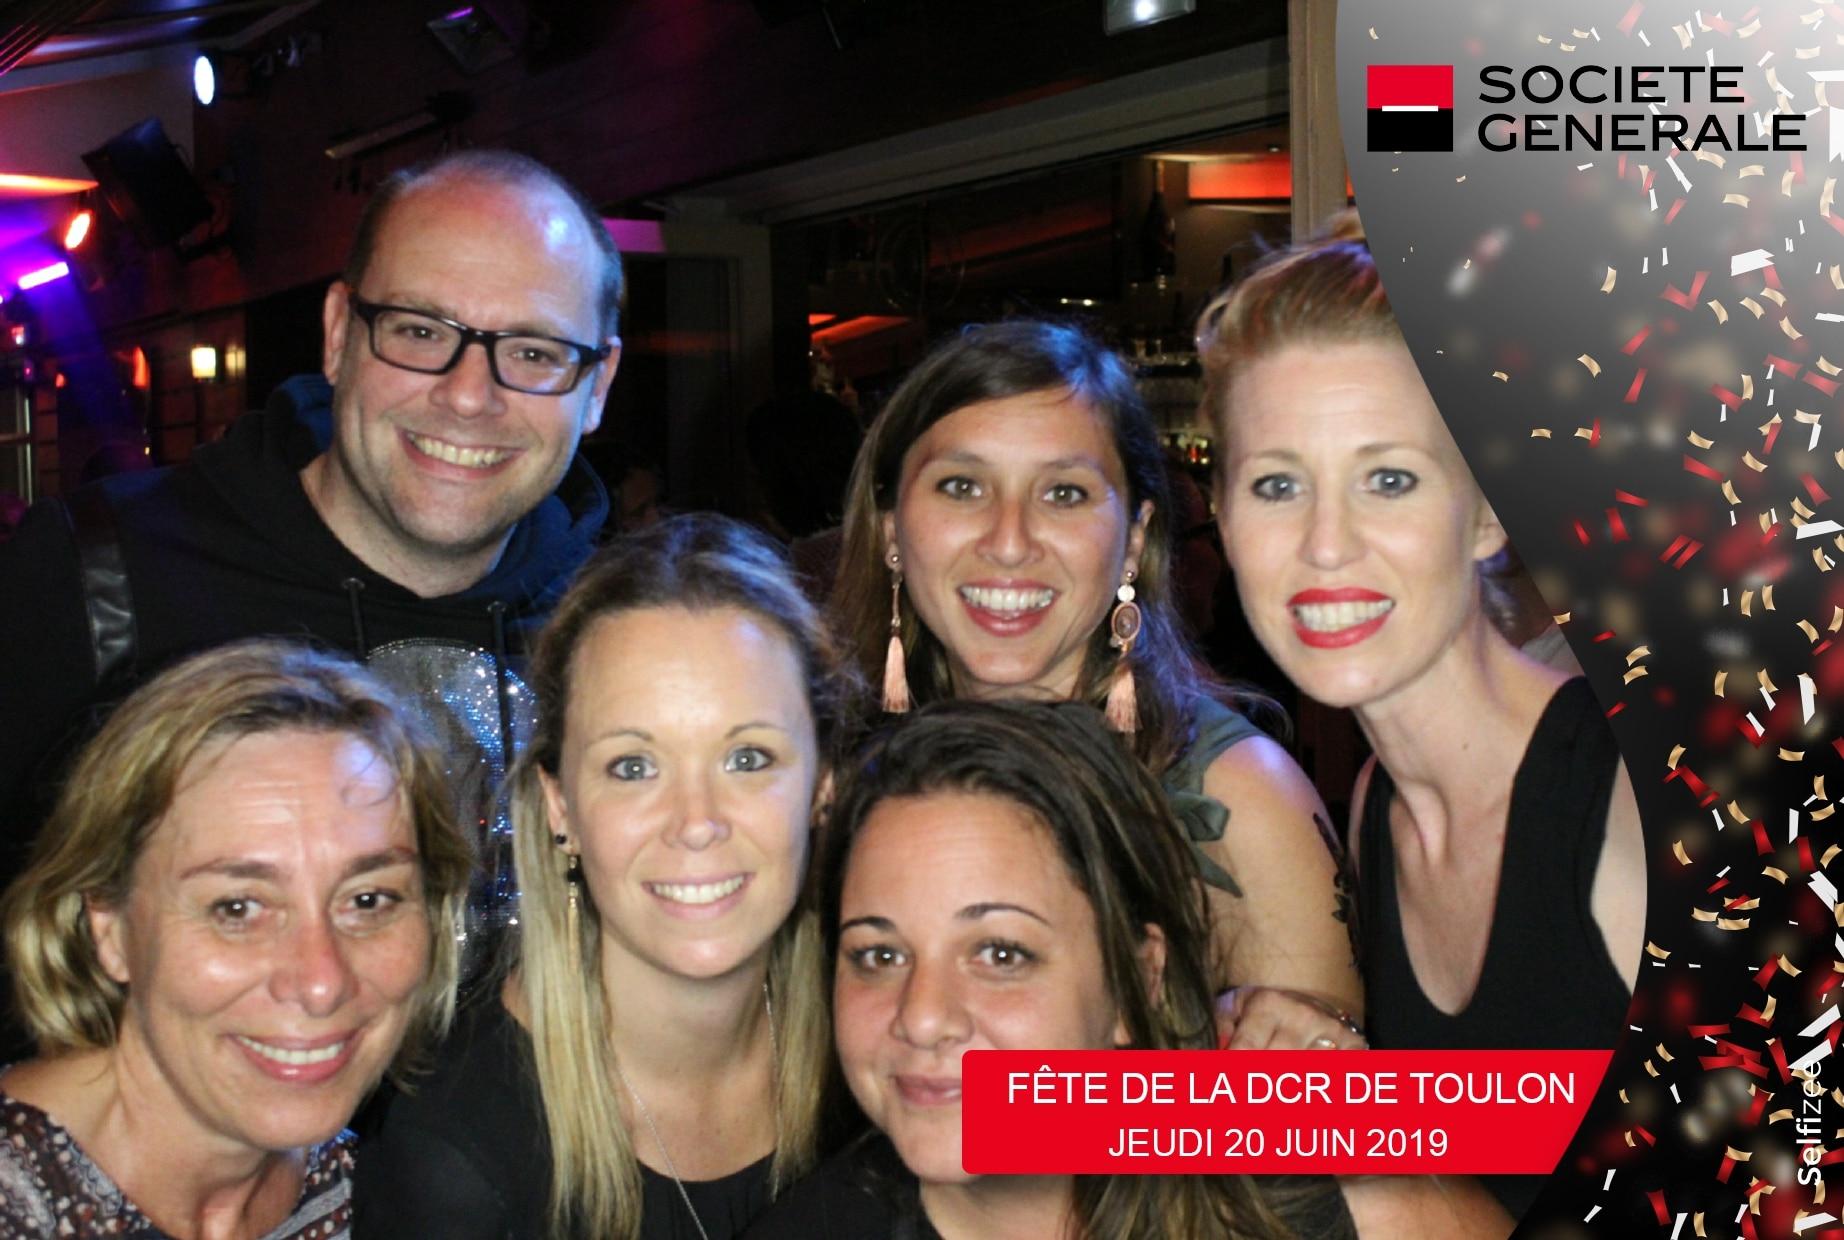 Photo personnalisée et animation borne selfie à fête Direction Commercial Régional Société Générale Toulon dans le Var